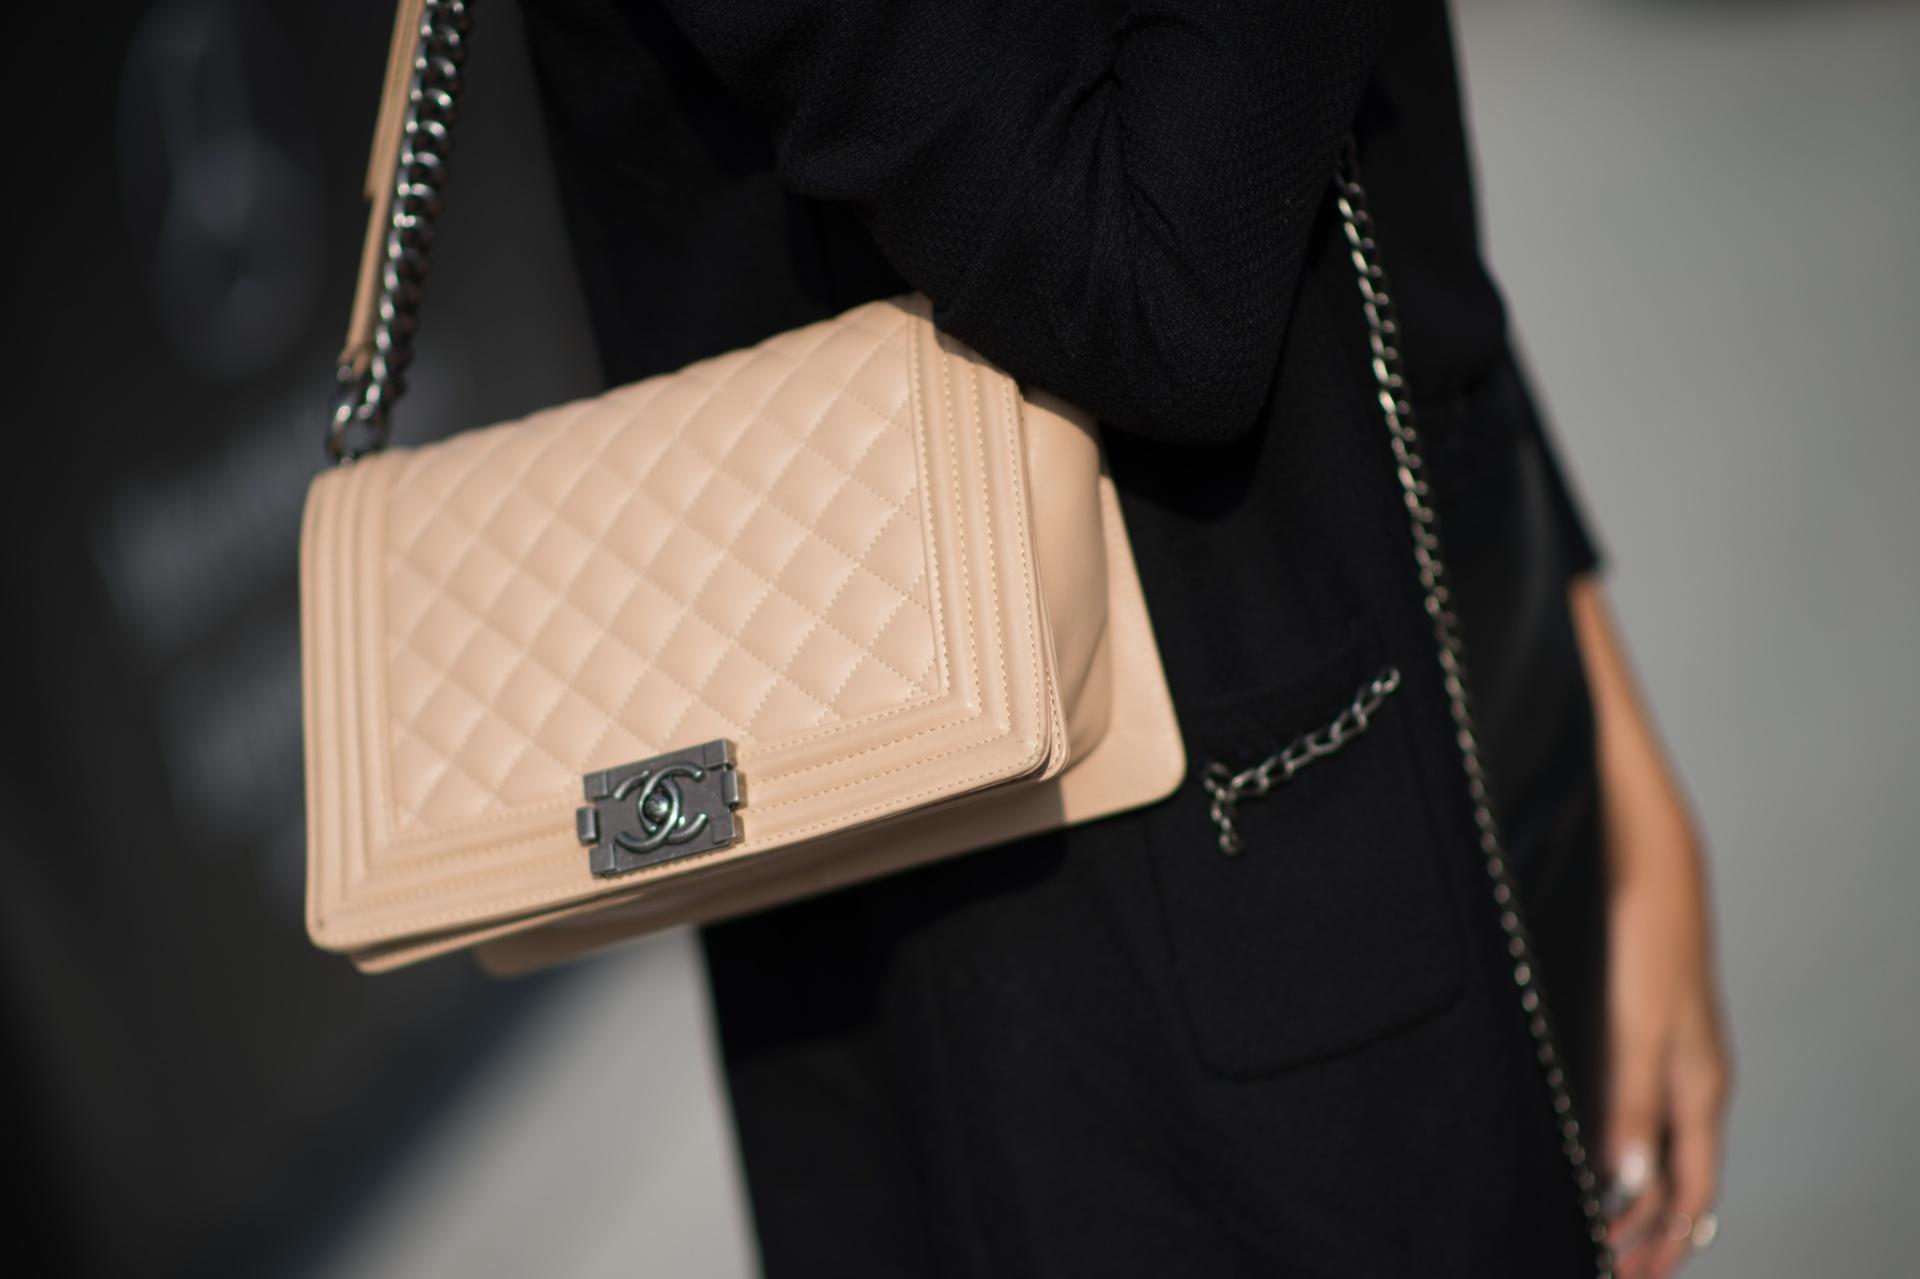 546671f23 ... closet disponível para alugueis de bolsas e acessórios de luxo. Com  acervo próprio e de terceiros, a BoBAGS conta com maisons como Chanel,  Gucci, Dior, ...